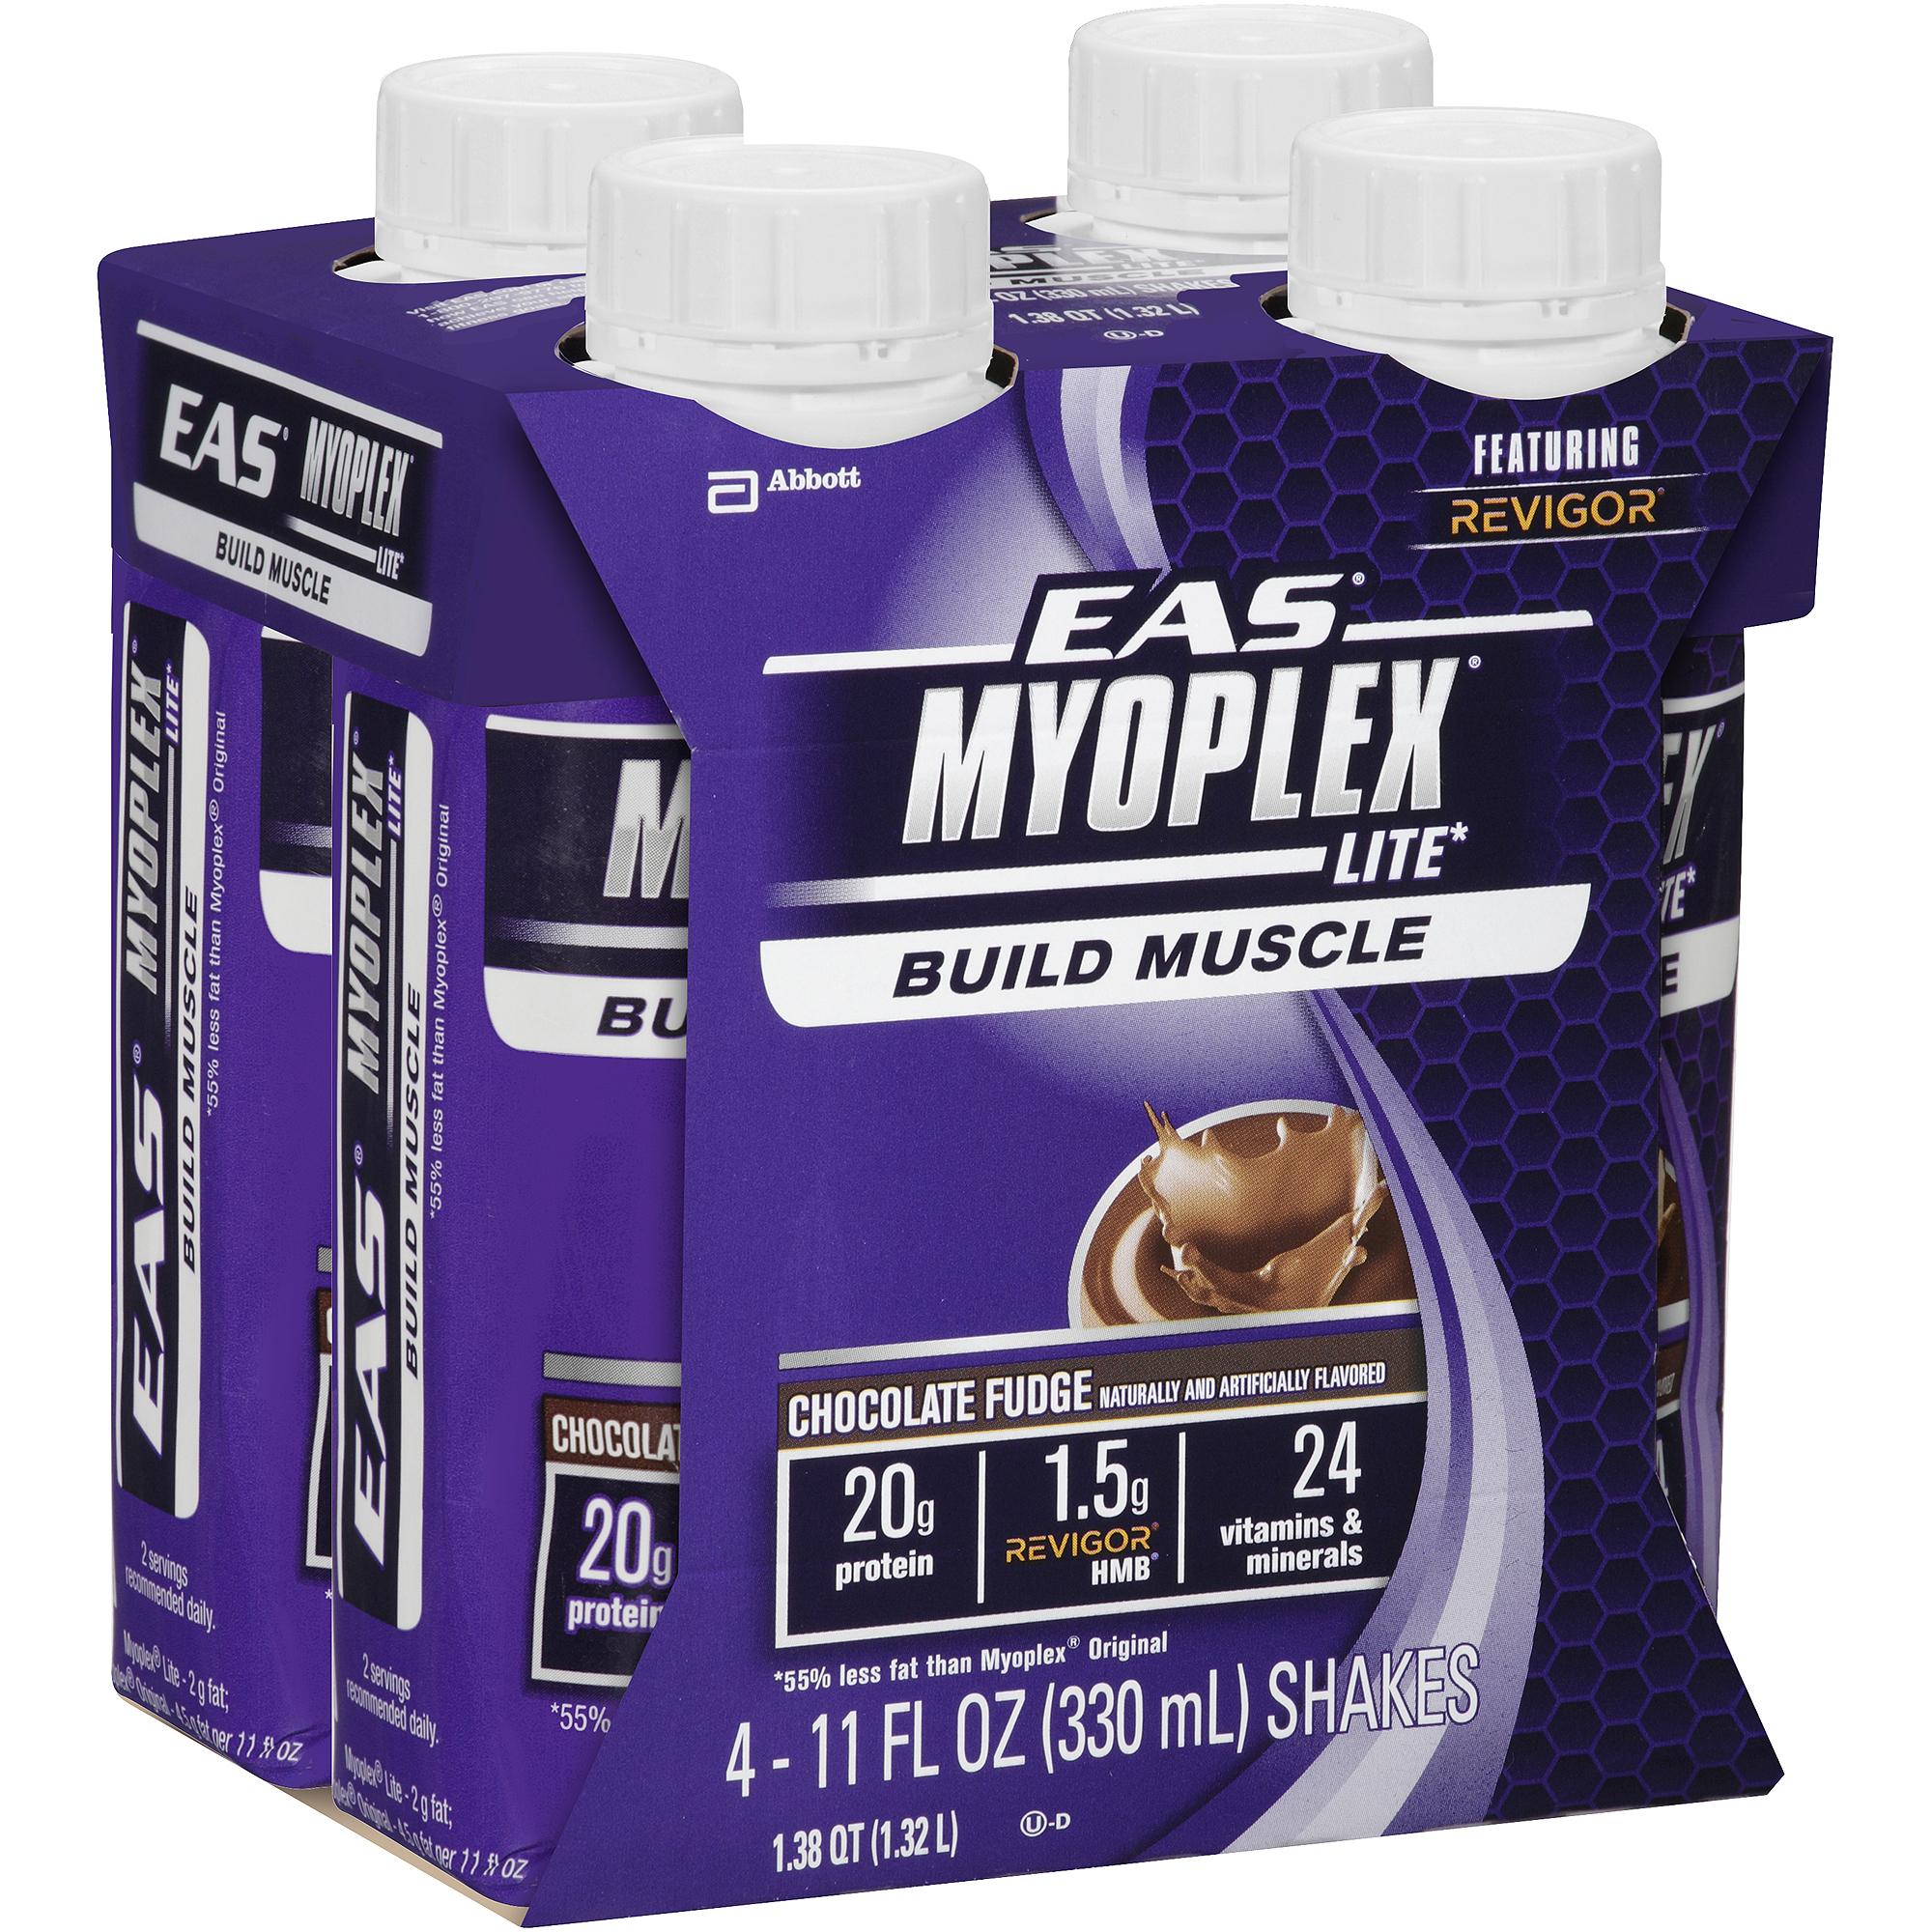 EAS Myoplex Lite Chocolate Fudge Shake, 11 fl oz, 4 count, (Pack of 6)